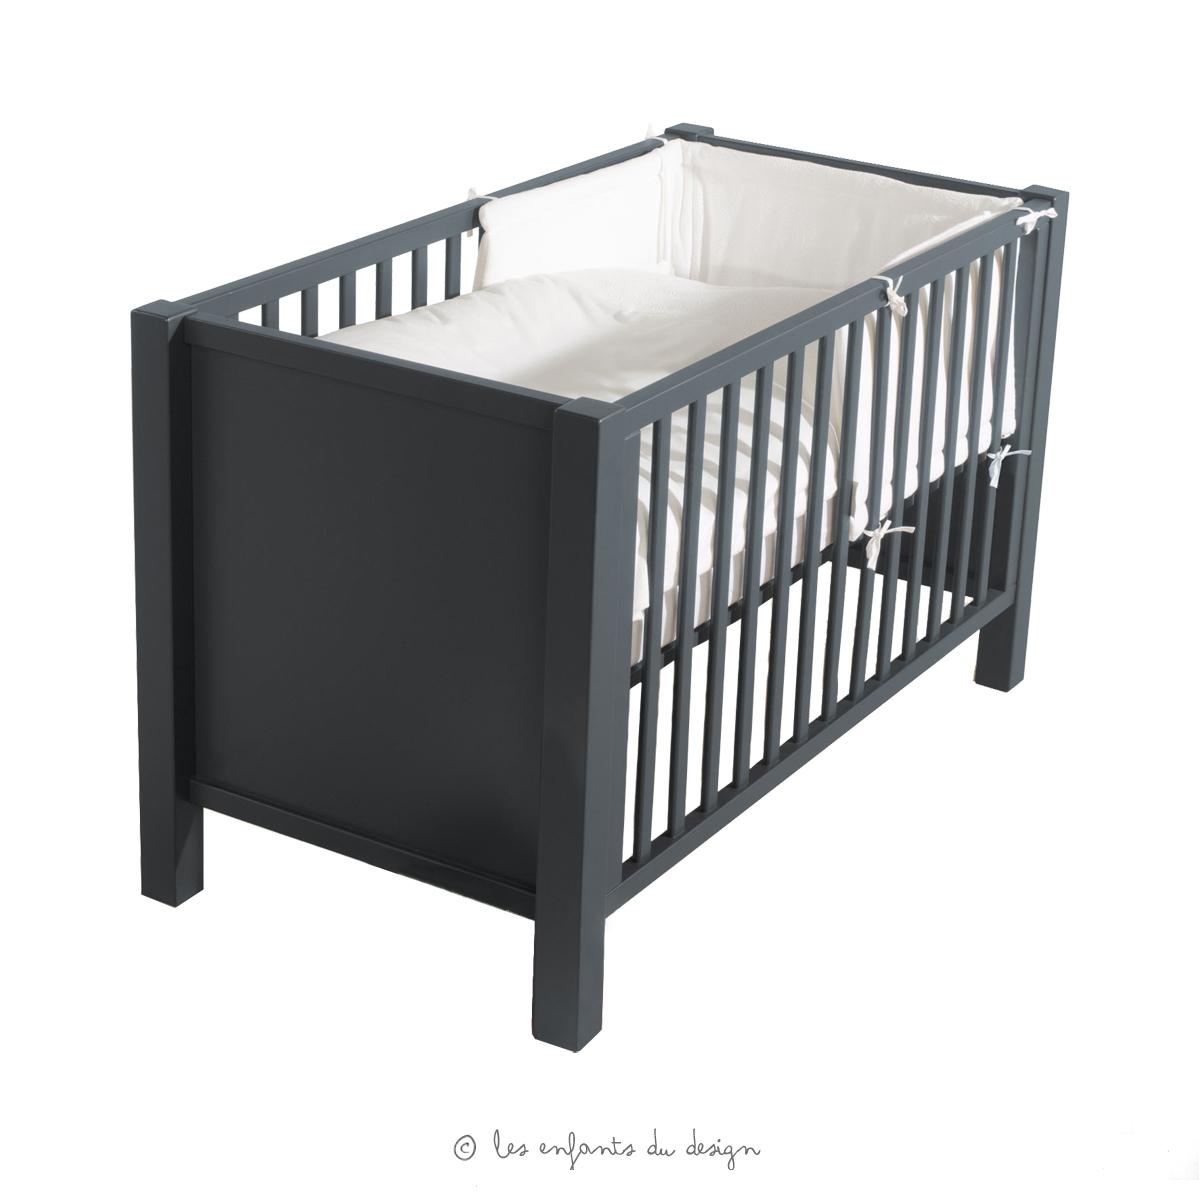 Cuisine Ikea Ilot : Accueil > Mobilier > Berceaux et lits > Lit bébé > Lit bébé Marie